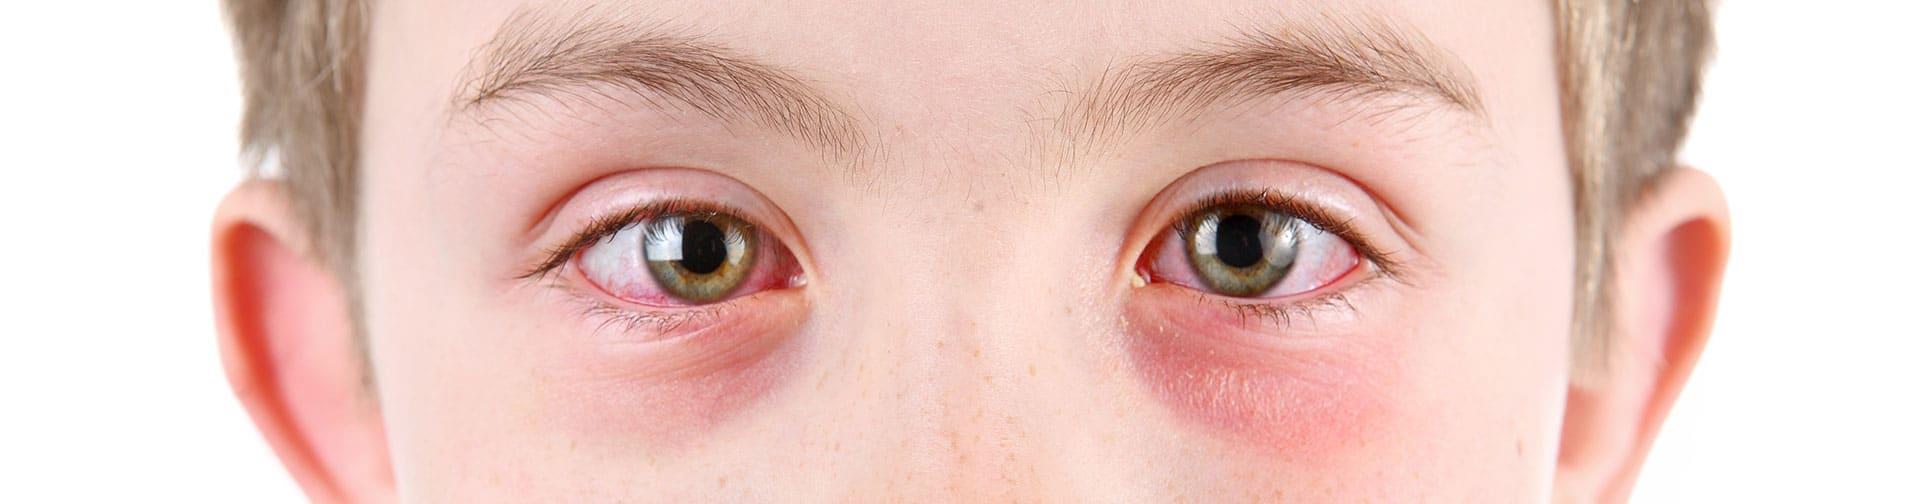 Воспаление обоих органов зрения